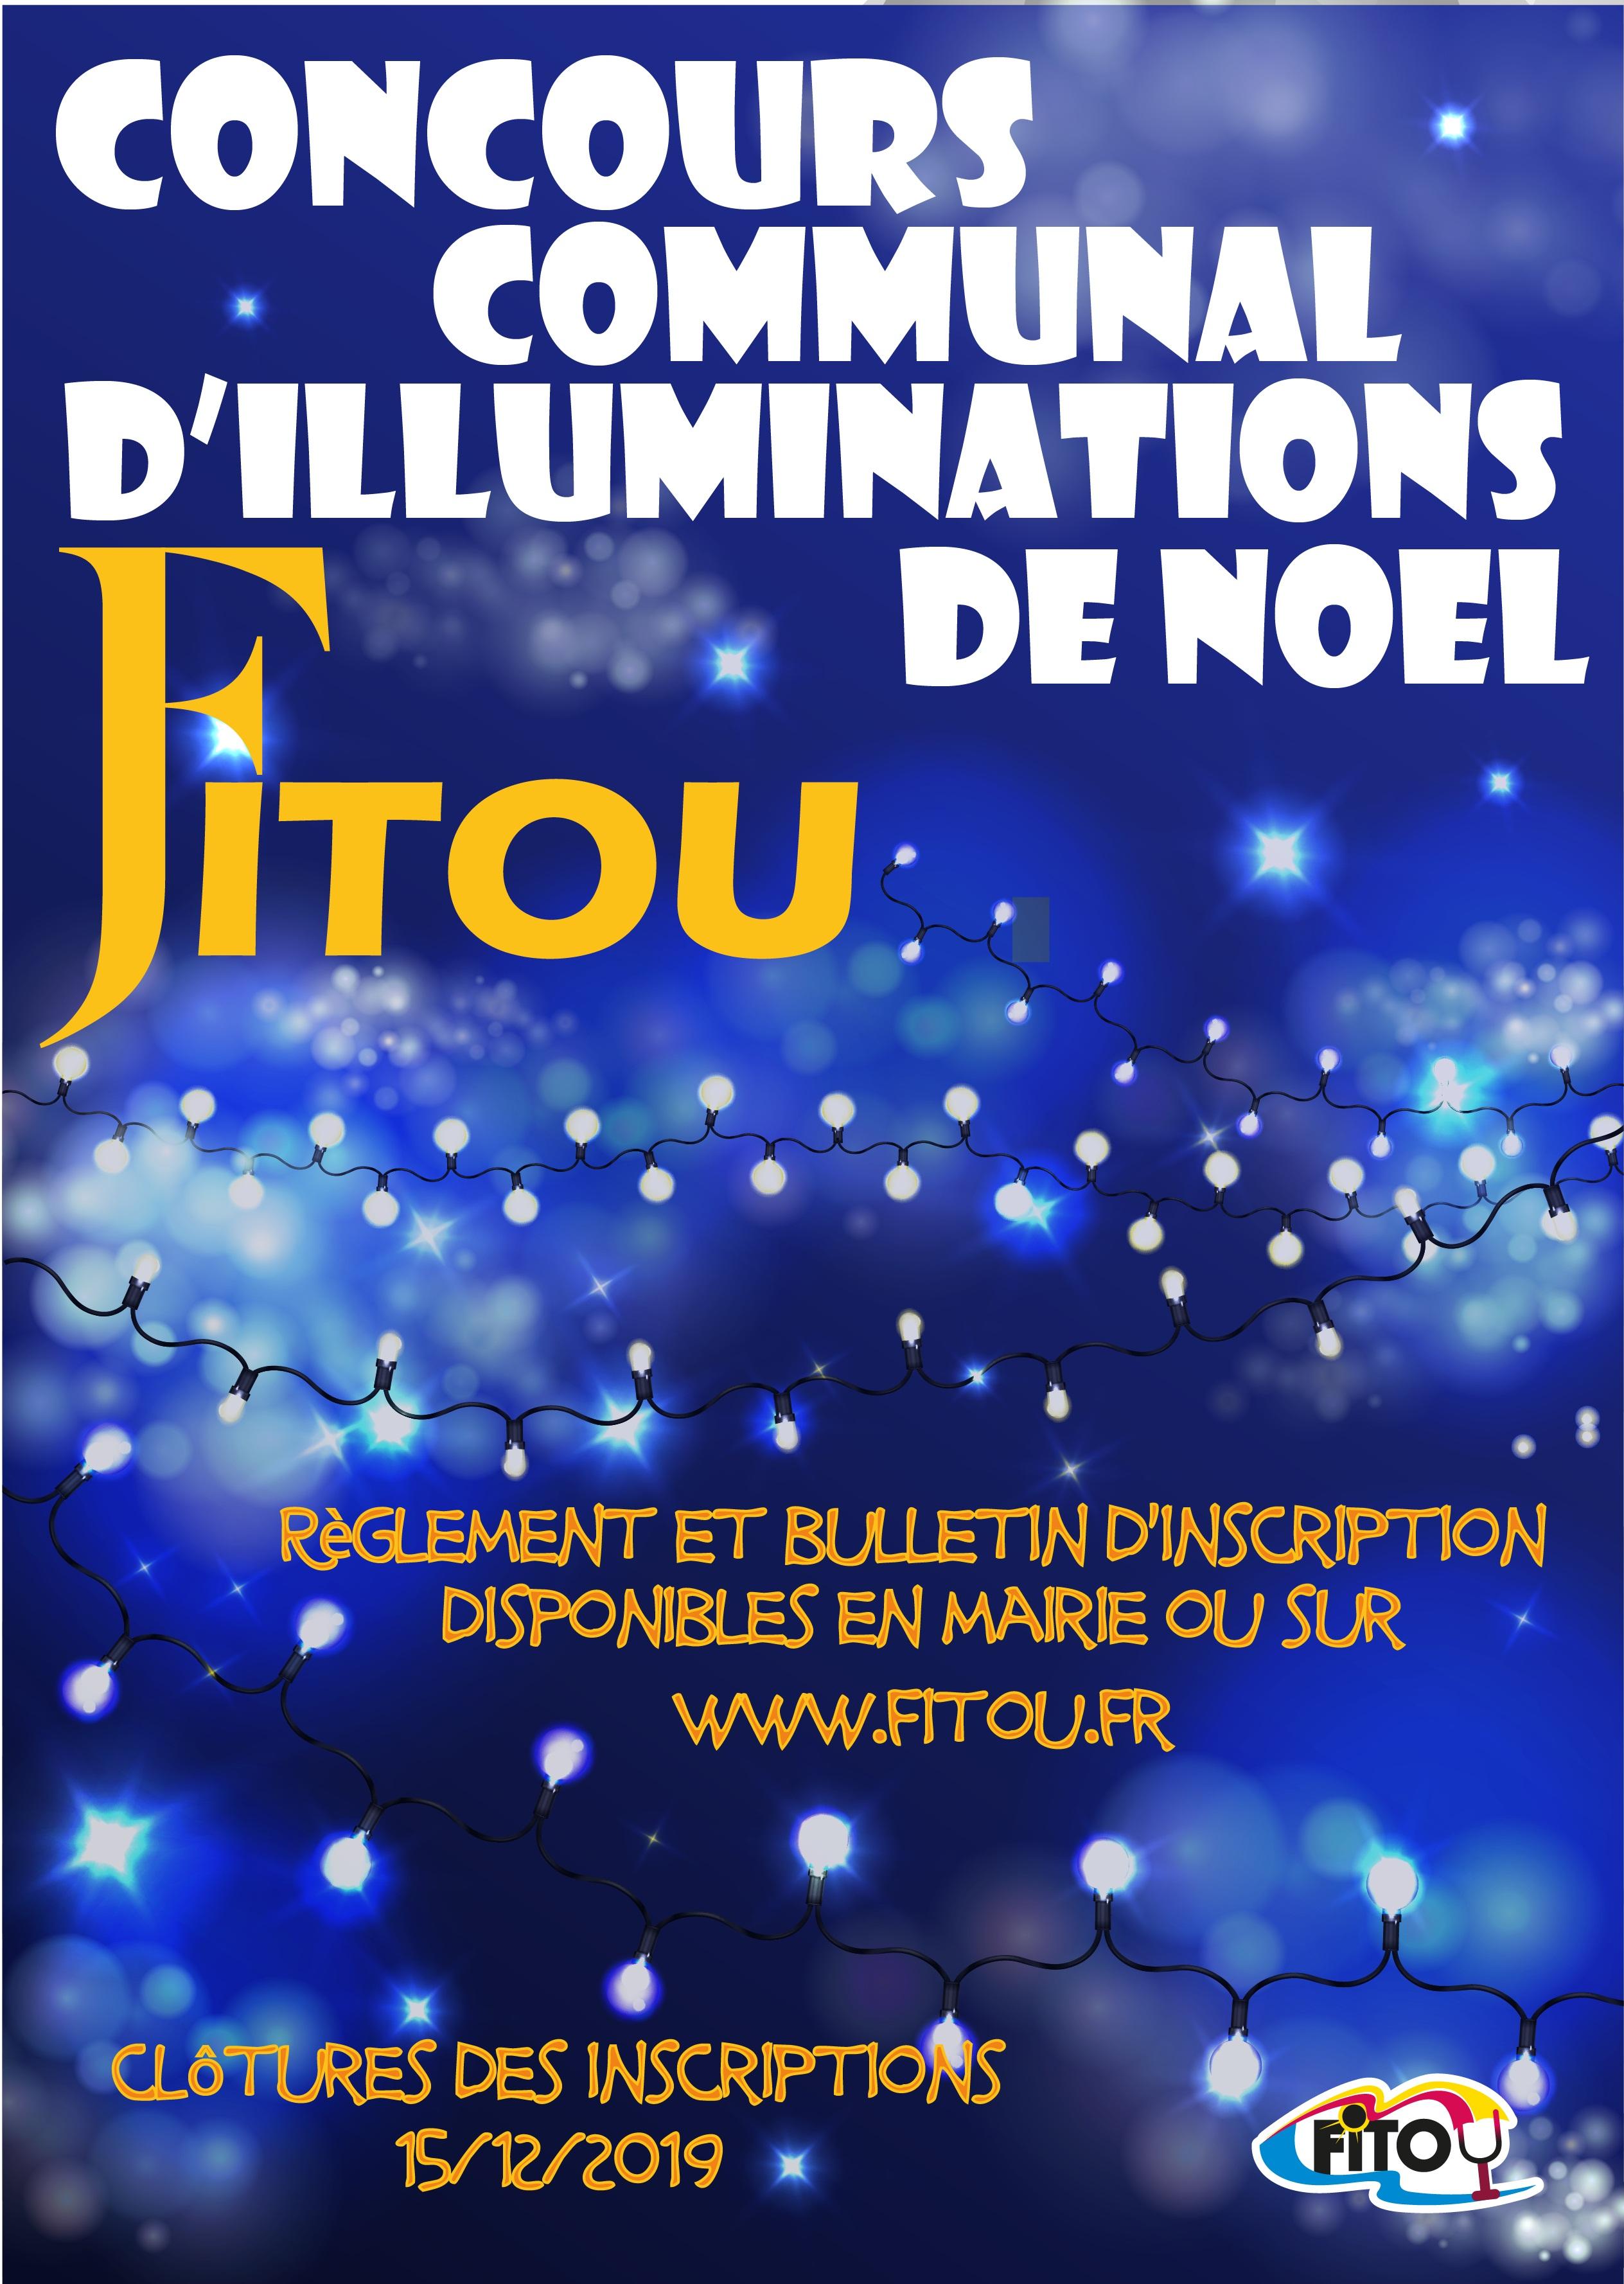 CONCOURS ILLUMINATIONS DE NOEL